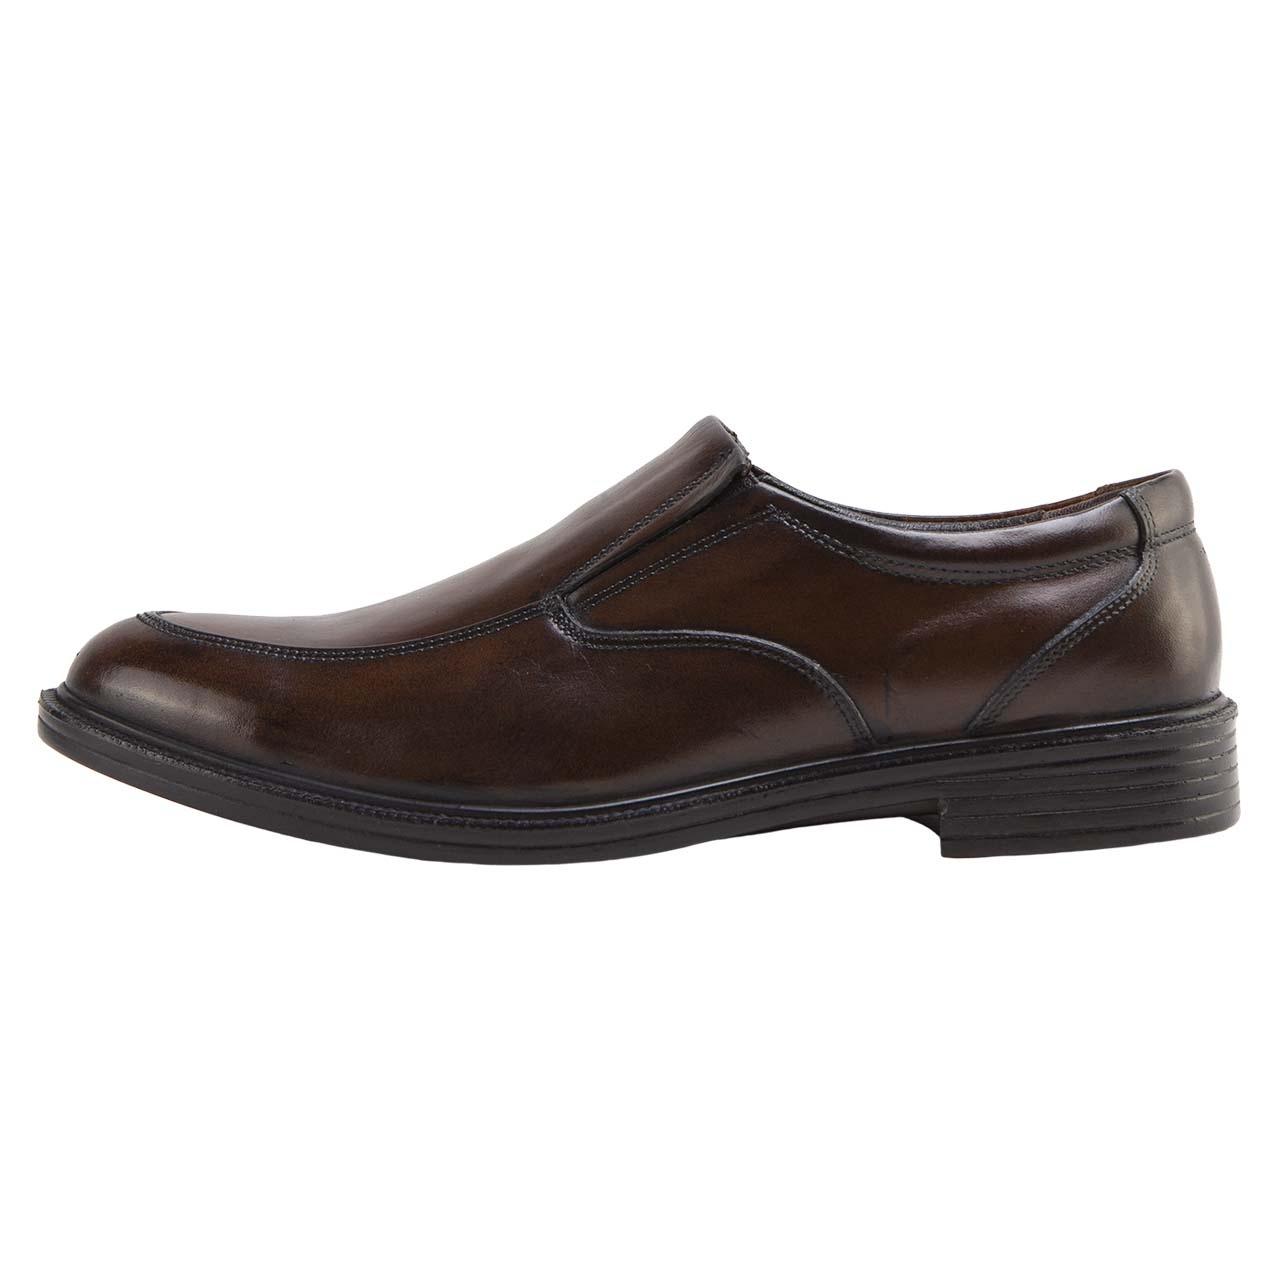 کفش مردانه شوپا کد 7-2001